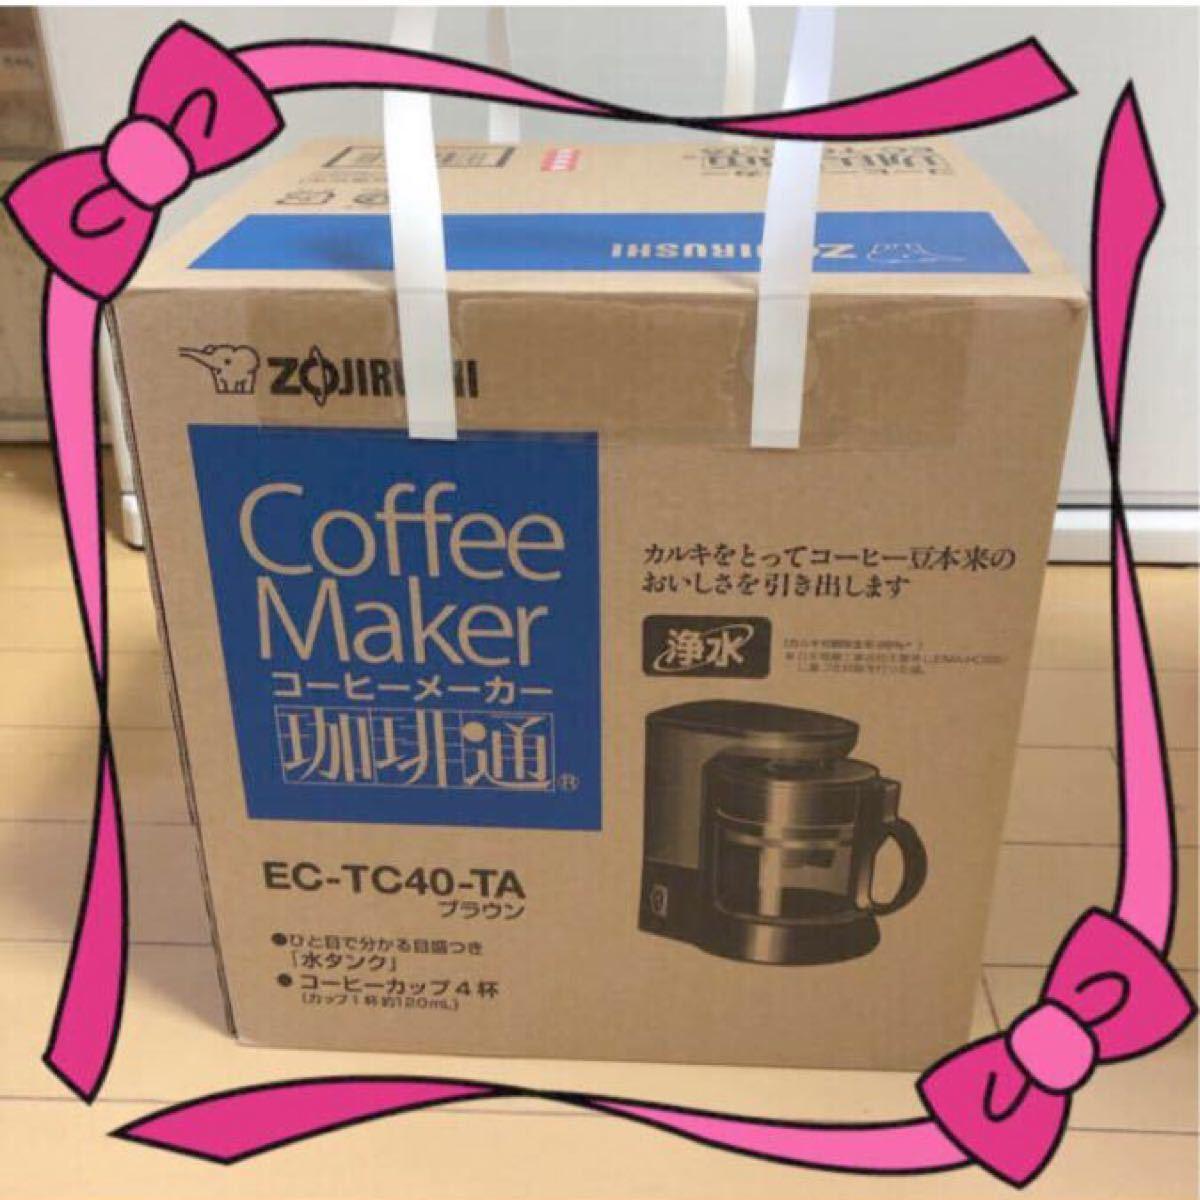 象印 コーヒーメーカー 珈琲通 ブラウン EC-TC40-TA